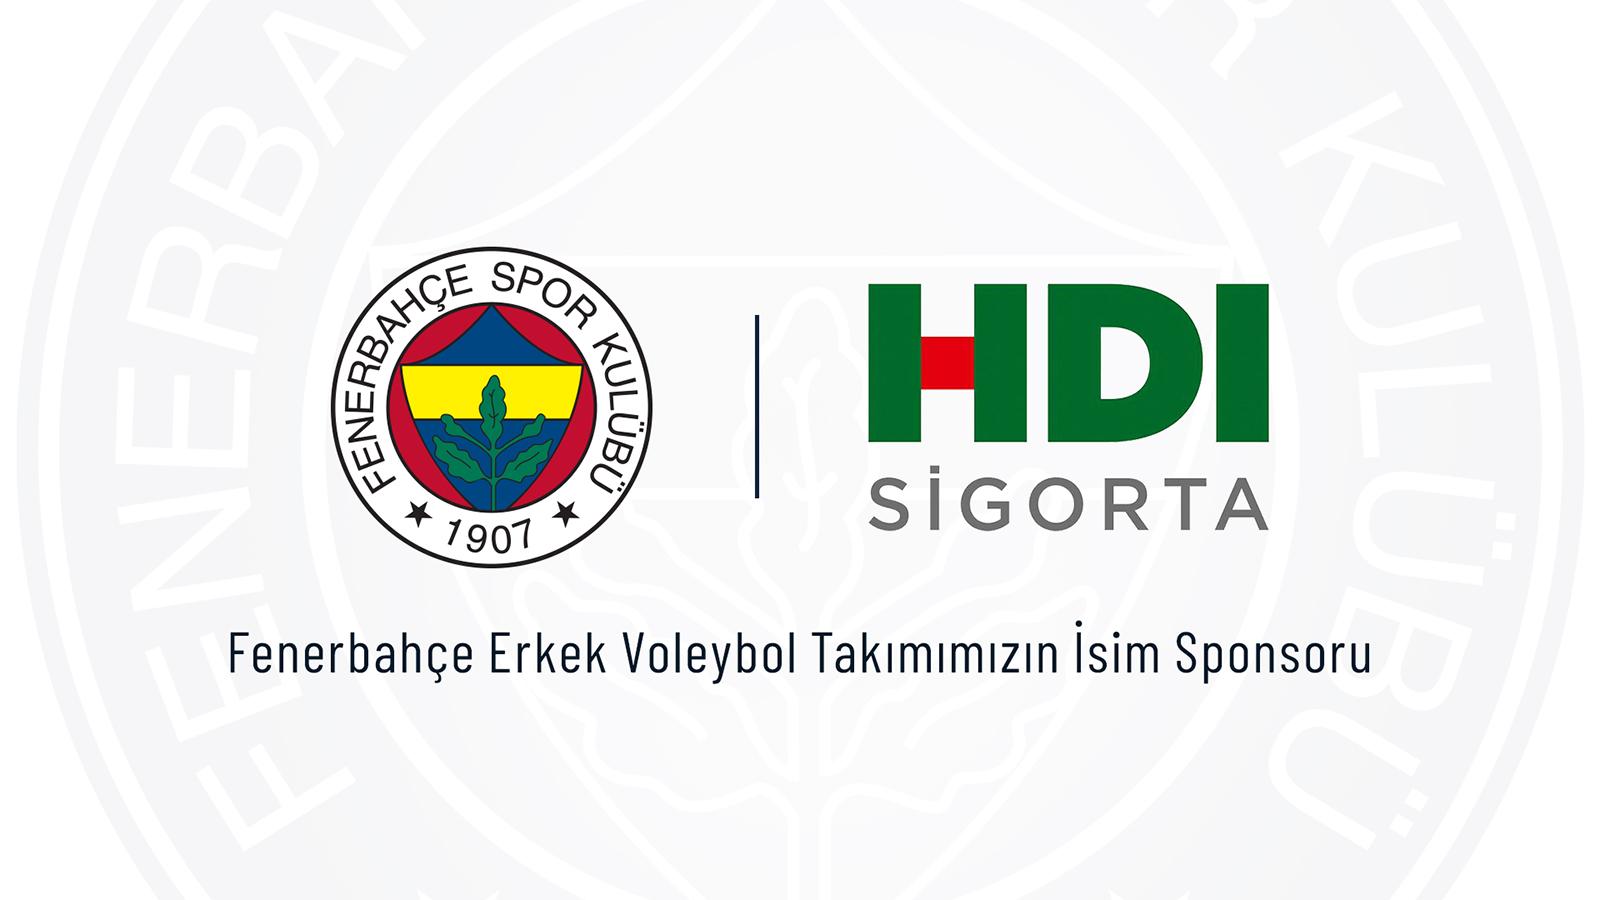 Fenerbahçe ve HDI Sigorta İmza Töreni Hakkında